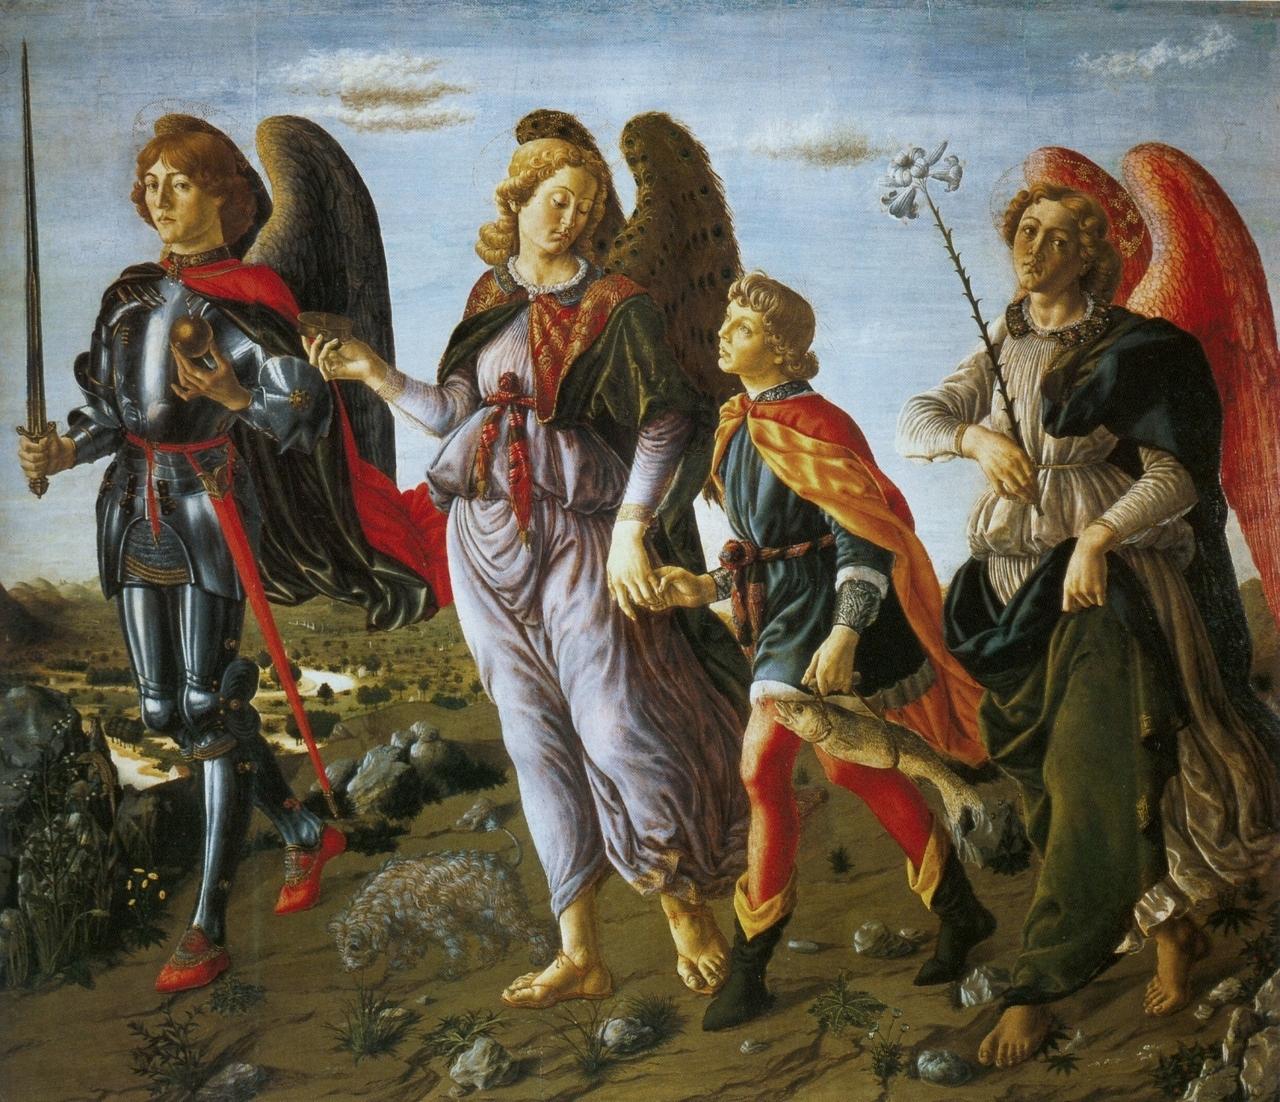 Francesco Botticini, Tobias et les trois archanges, détrempe sur bois (134 x 153 cm), vers 1467, Galleria degli Uffizi, Florence